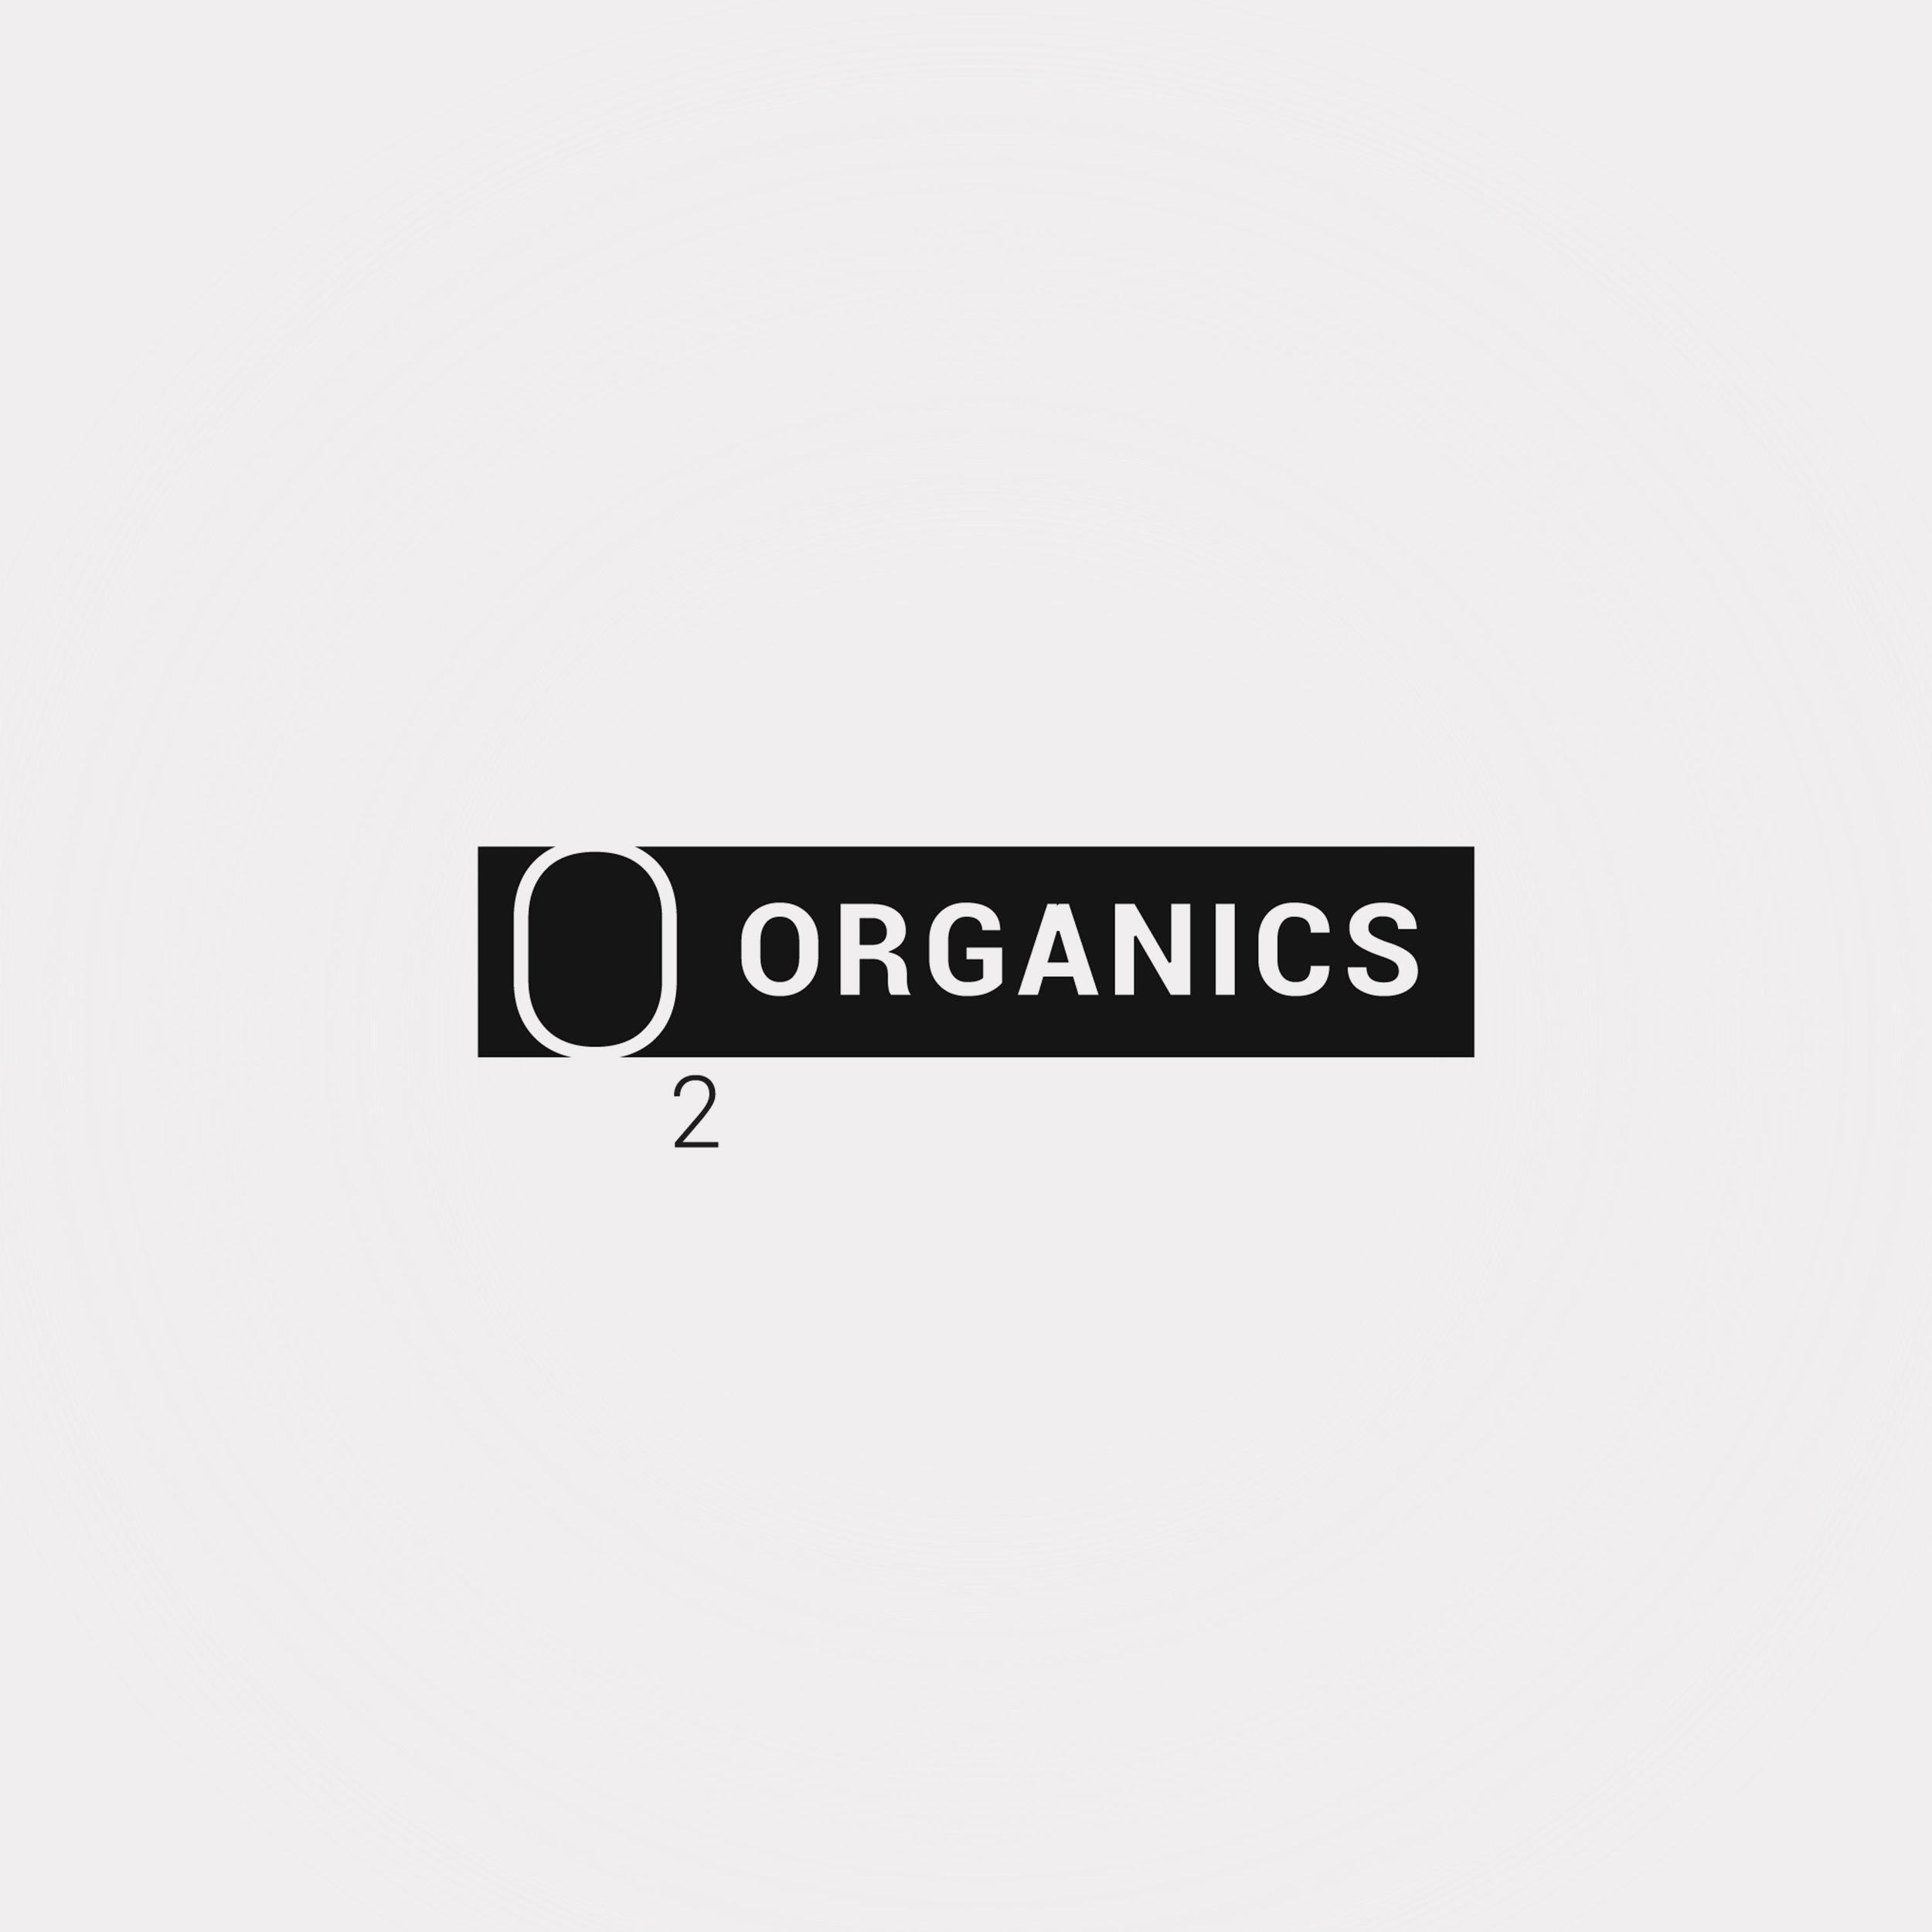 Mahr Design_Insta_organics logo.jpg